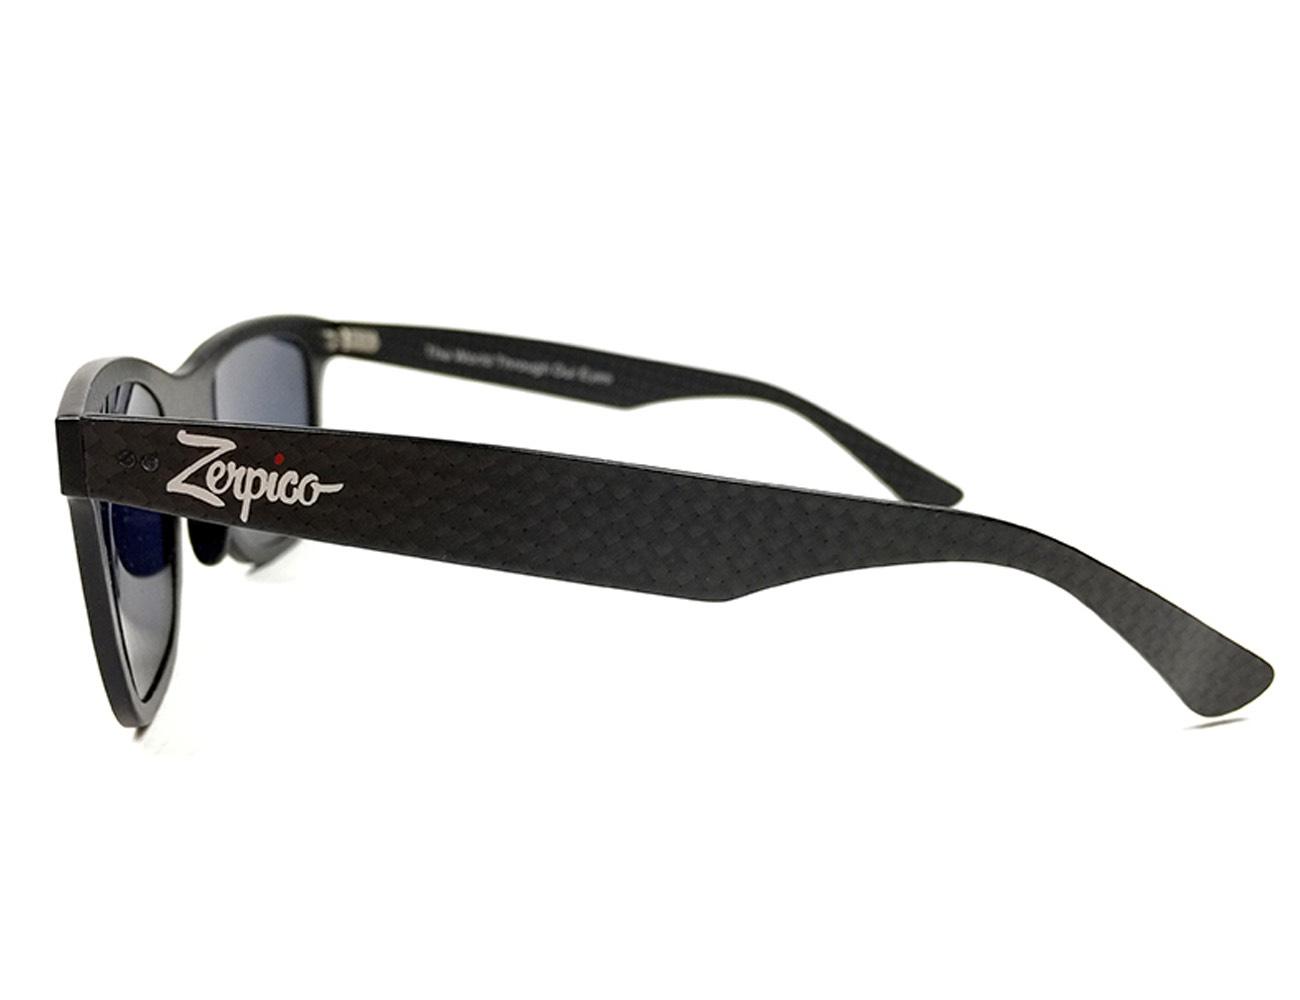 zerpico-carbon-fiber-sunglasses-06